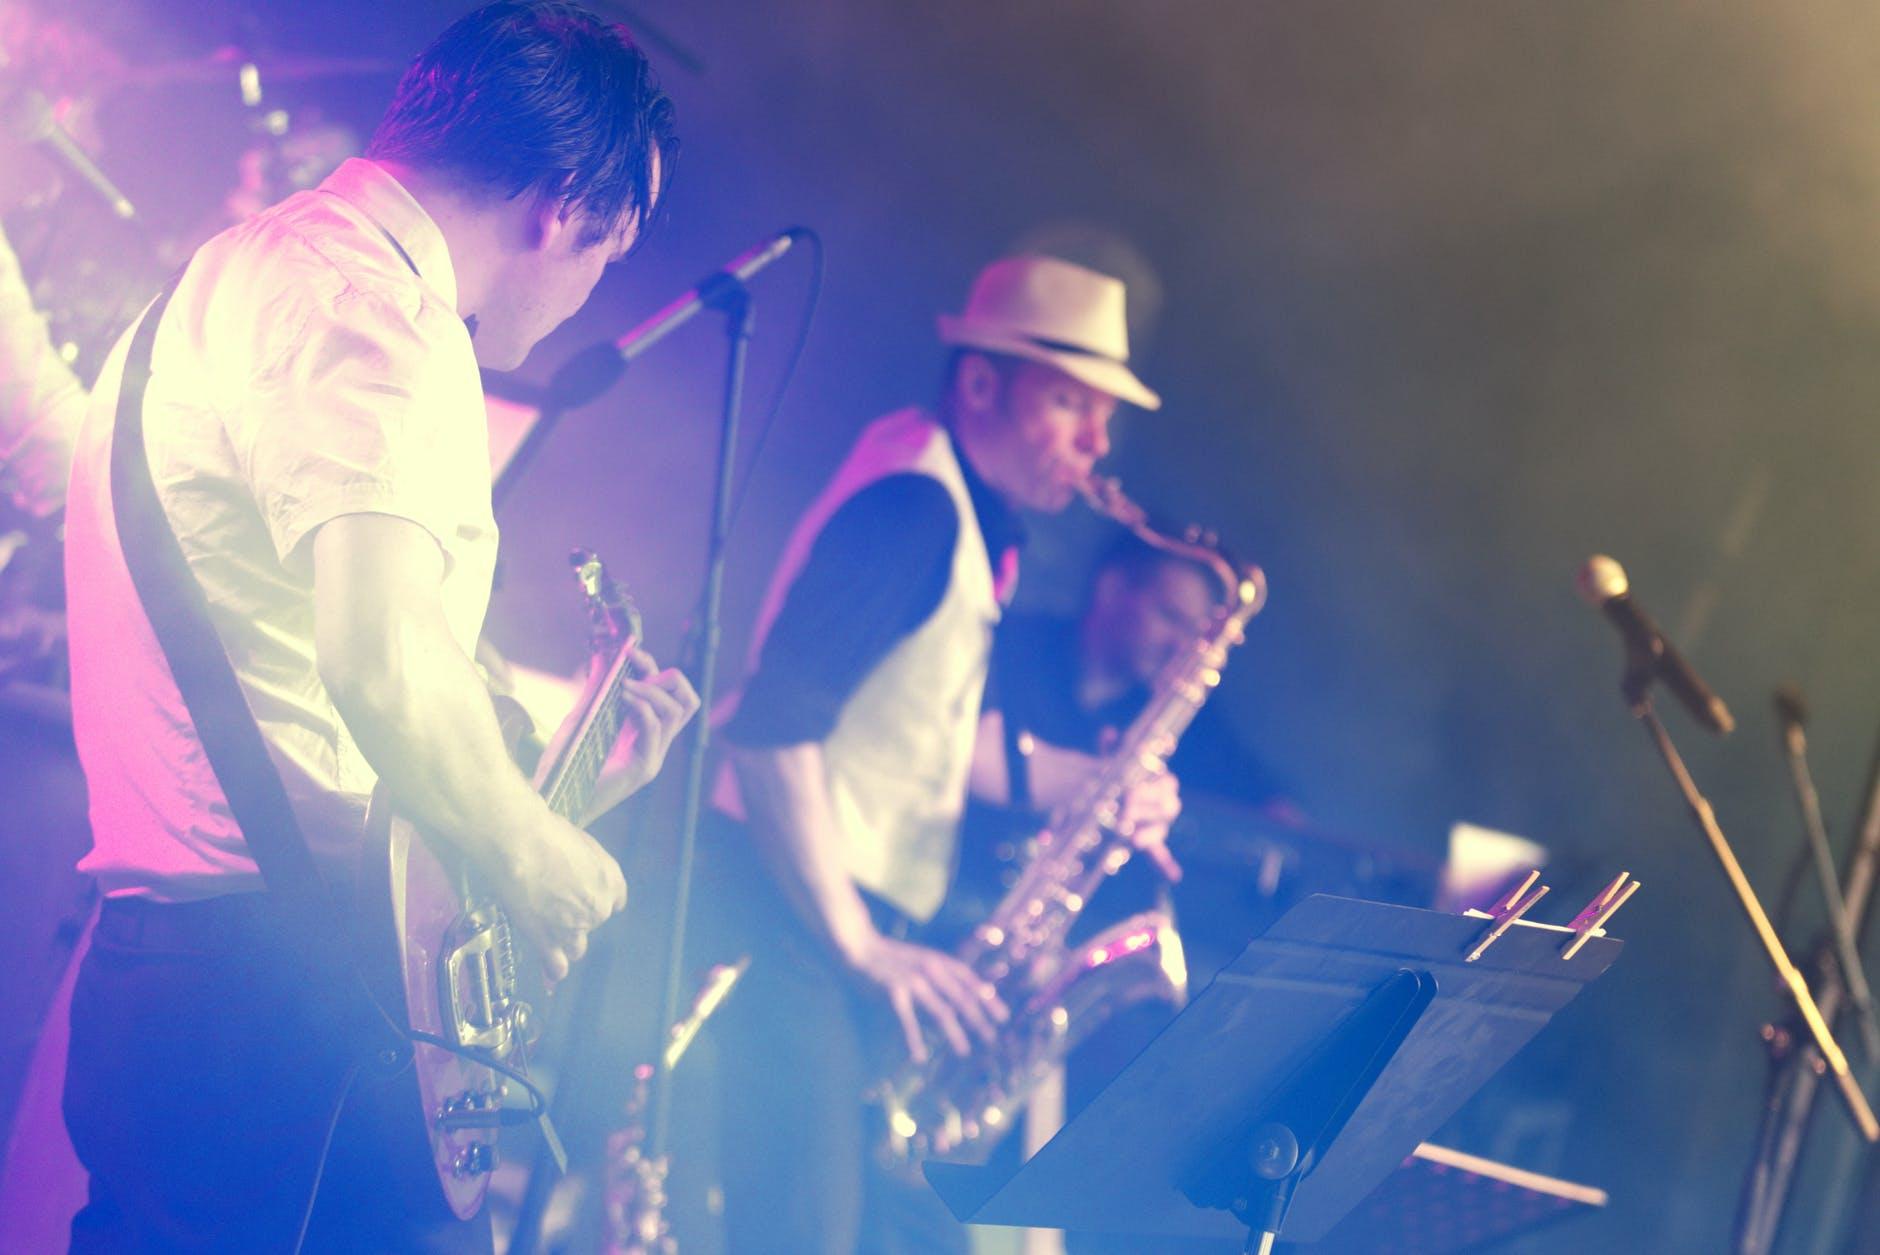 musica-dal-vivo-musicisti-sax-chitarra-cappello-microfono-leggio